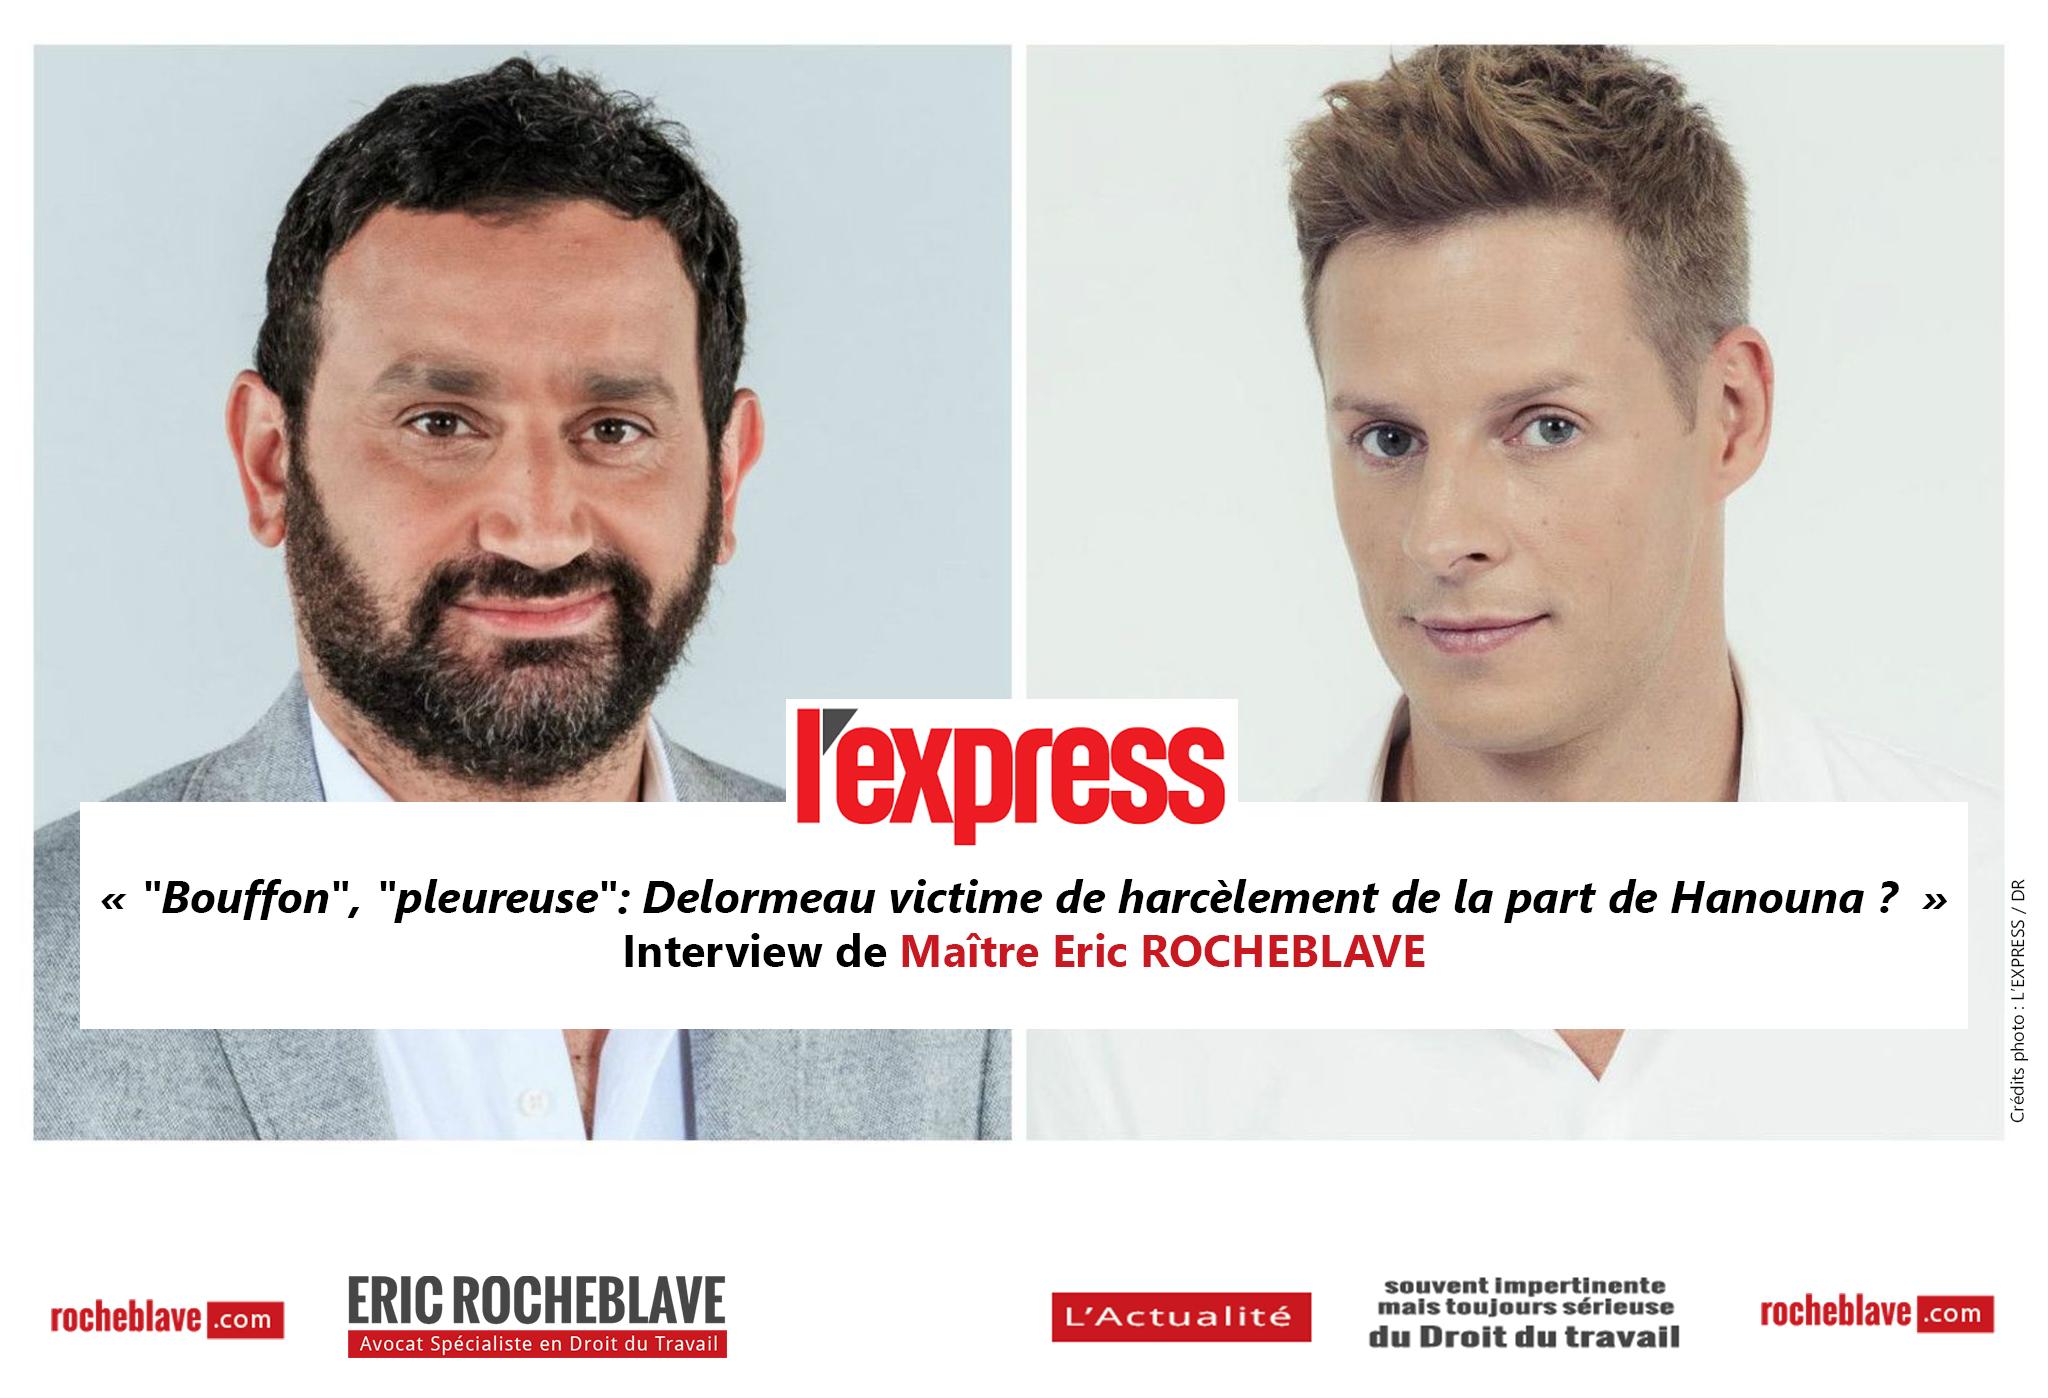 « Bouffon », « pleureuse »: Delormeau victime de harcèlement de la part de Hanouna ? » Interview de Maître Eric ROCHEBLAVE | L'Express